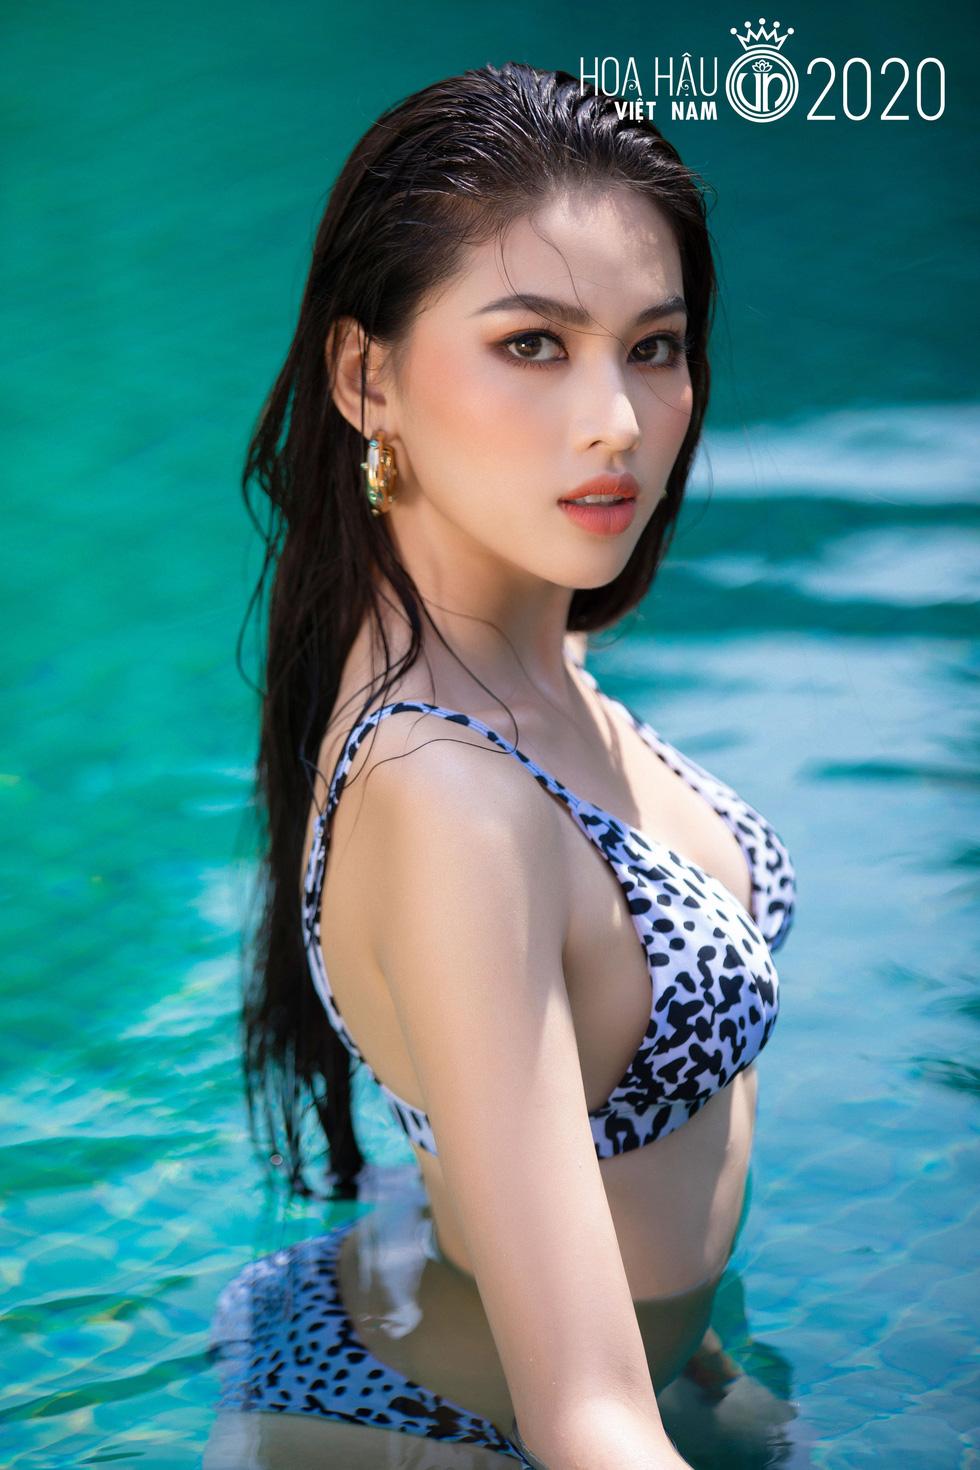 Hoa hậu Việt Nam 2020: Đỗ Thị Hà đoạt vương miện Một thập kỷ nhan sắc - Ảnh 3.